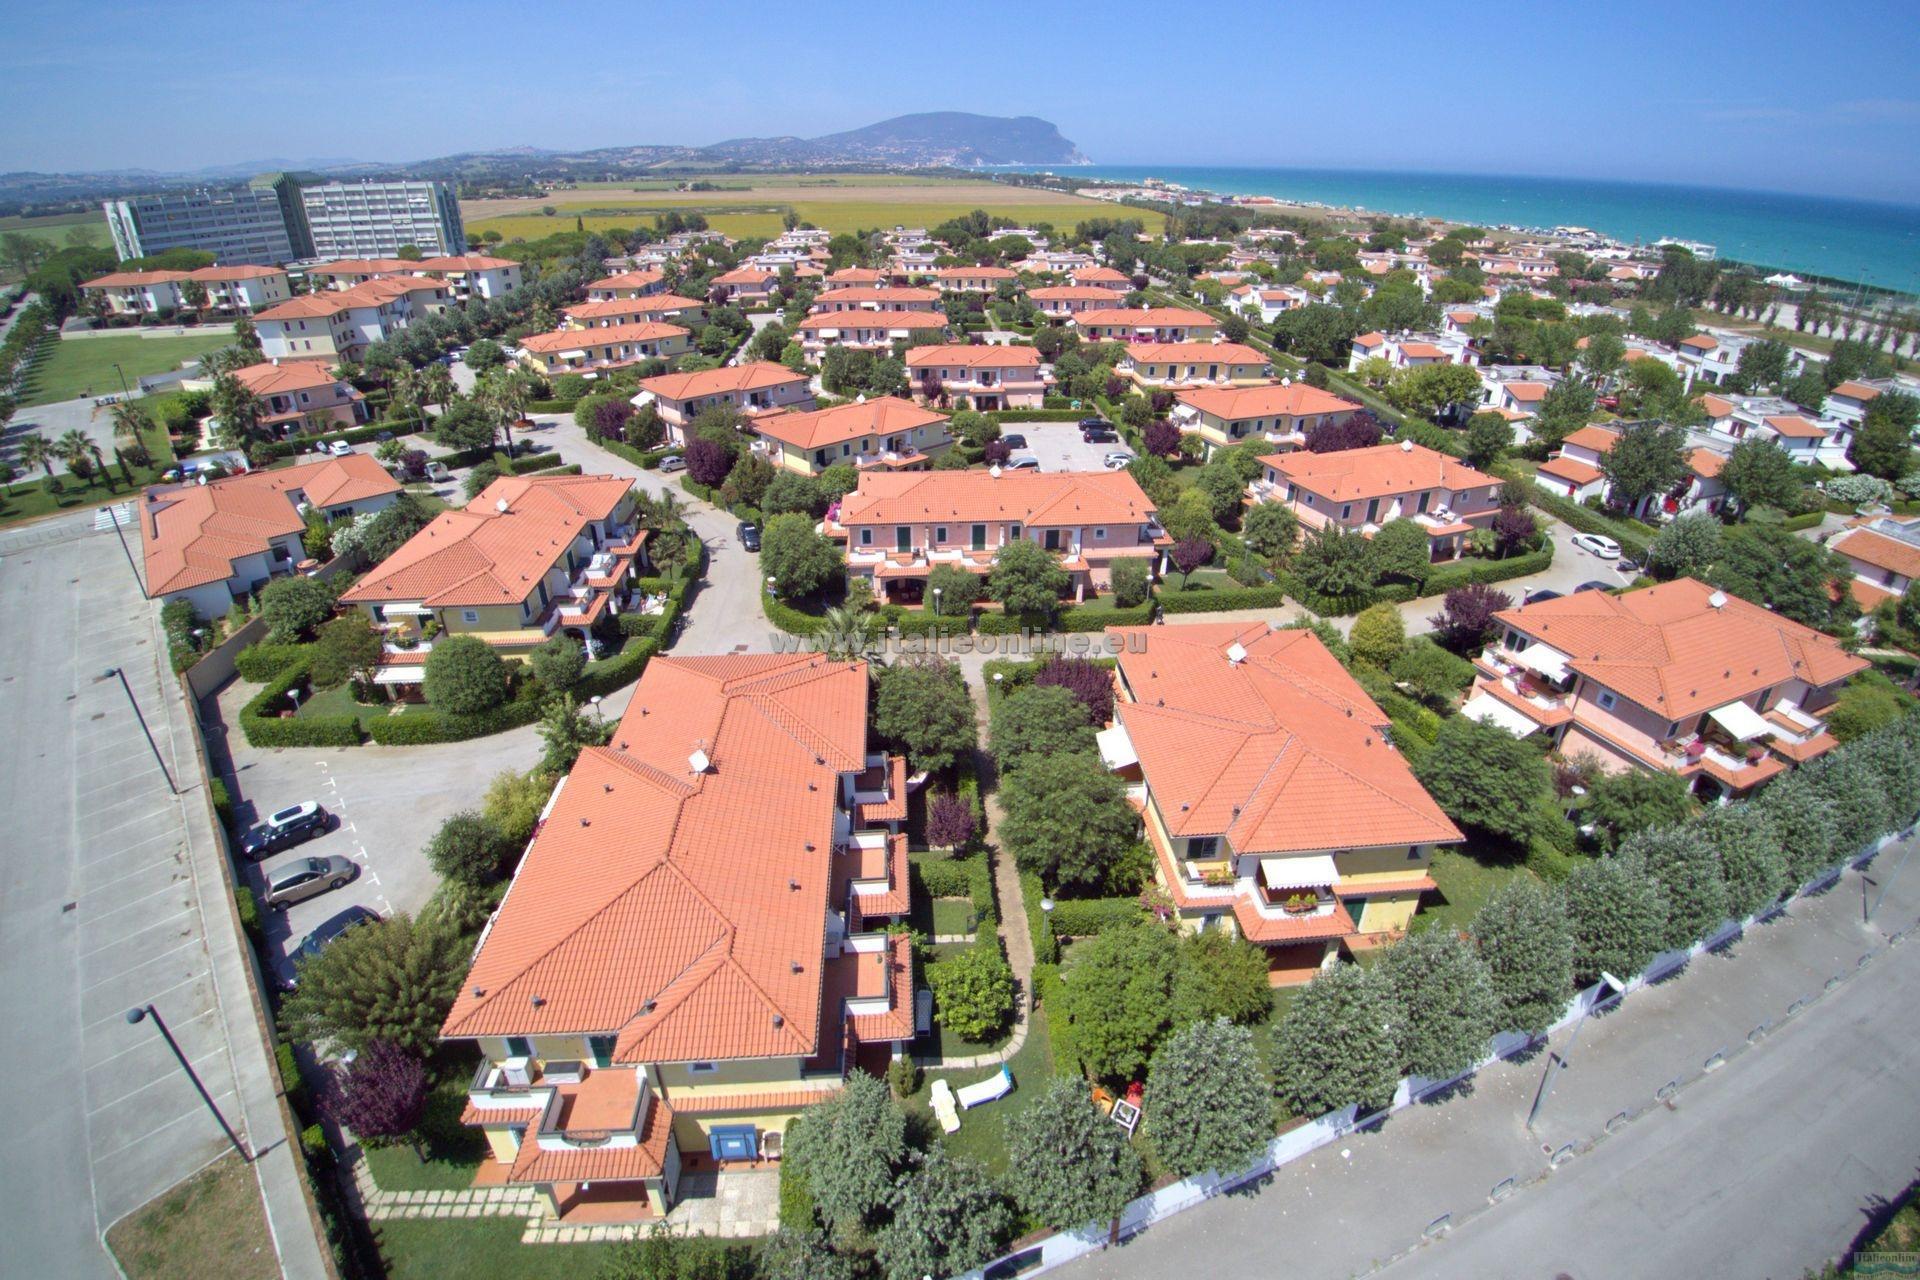 Residence i giardini del conero porto recanati italy italieonline - Residence i giardini del conero ...